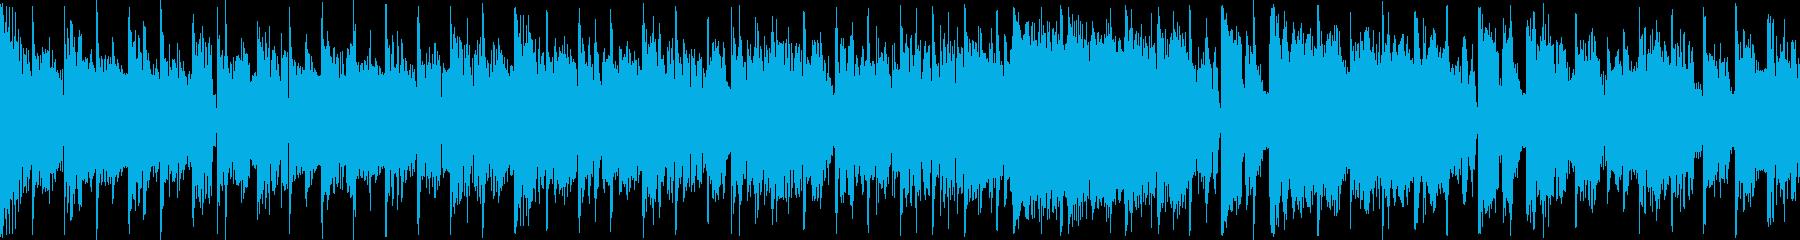 【ループ再生】渋いテイストのEDMの再生済みの波形